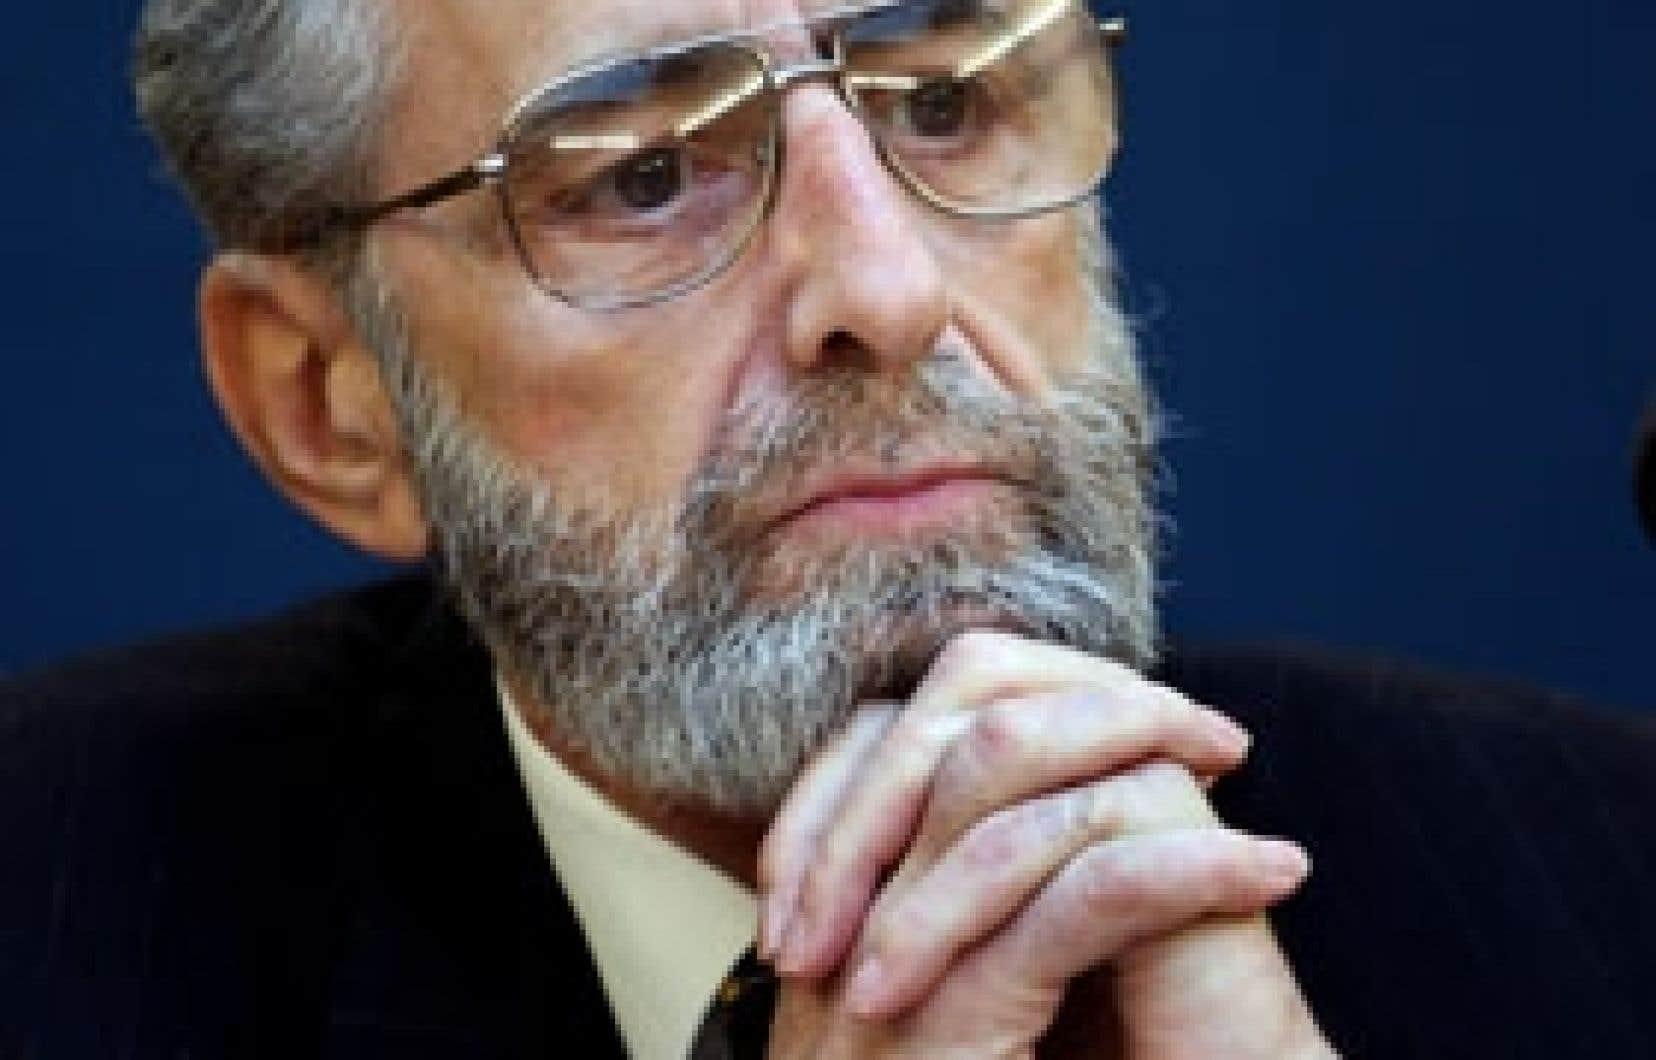 Claude Corbo a prévenu hier les étudiants que leurs cours ne seront pas valides si la grève s'éternise.